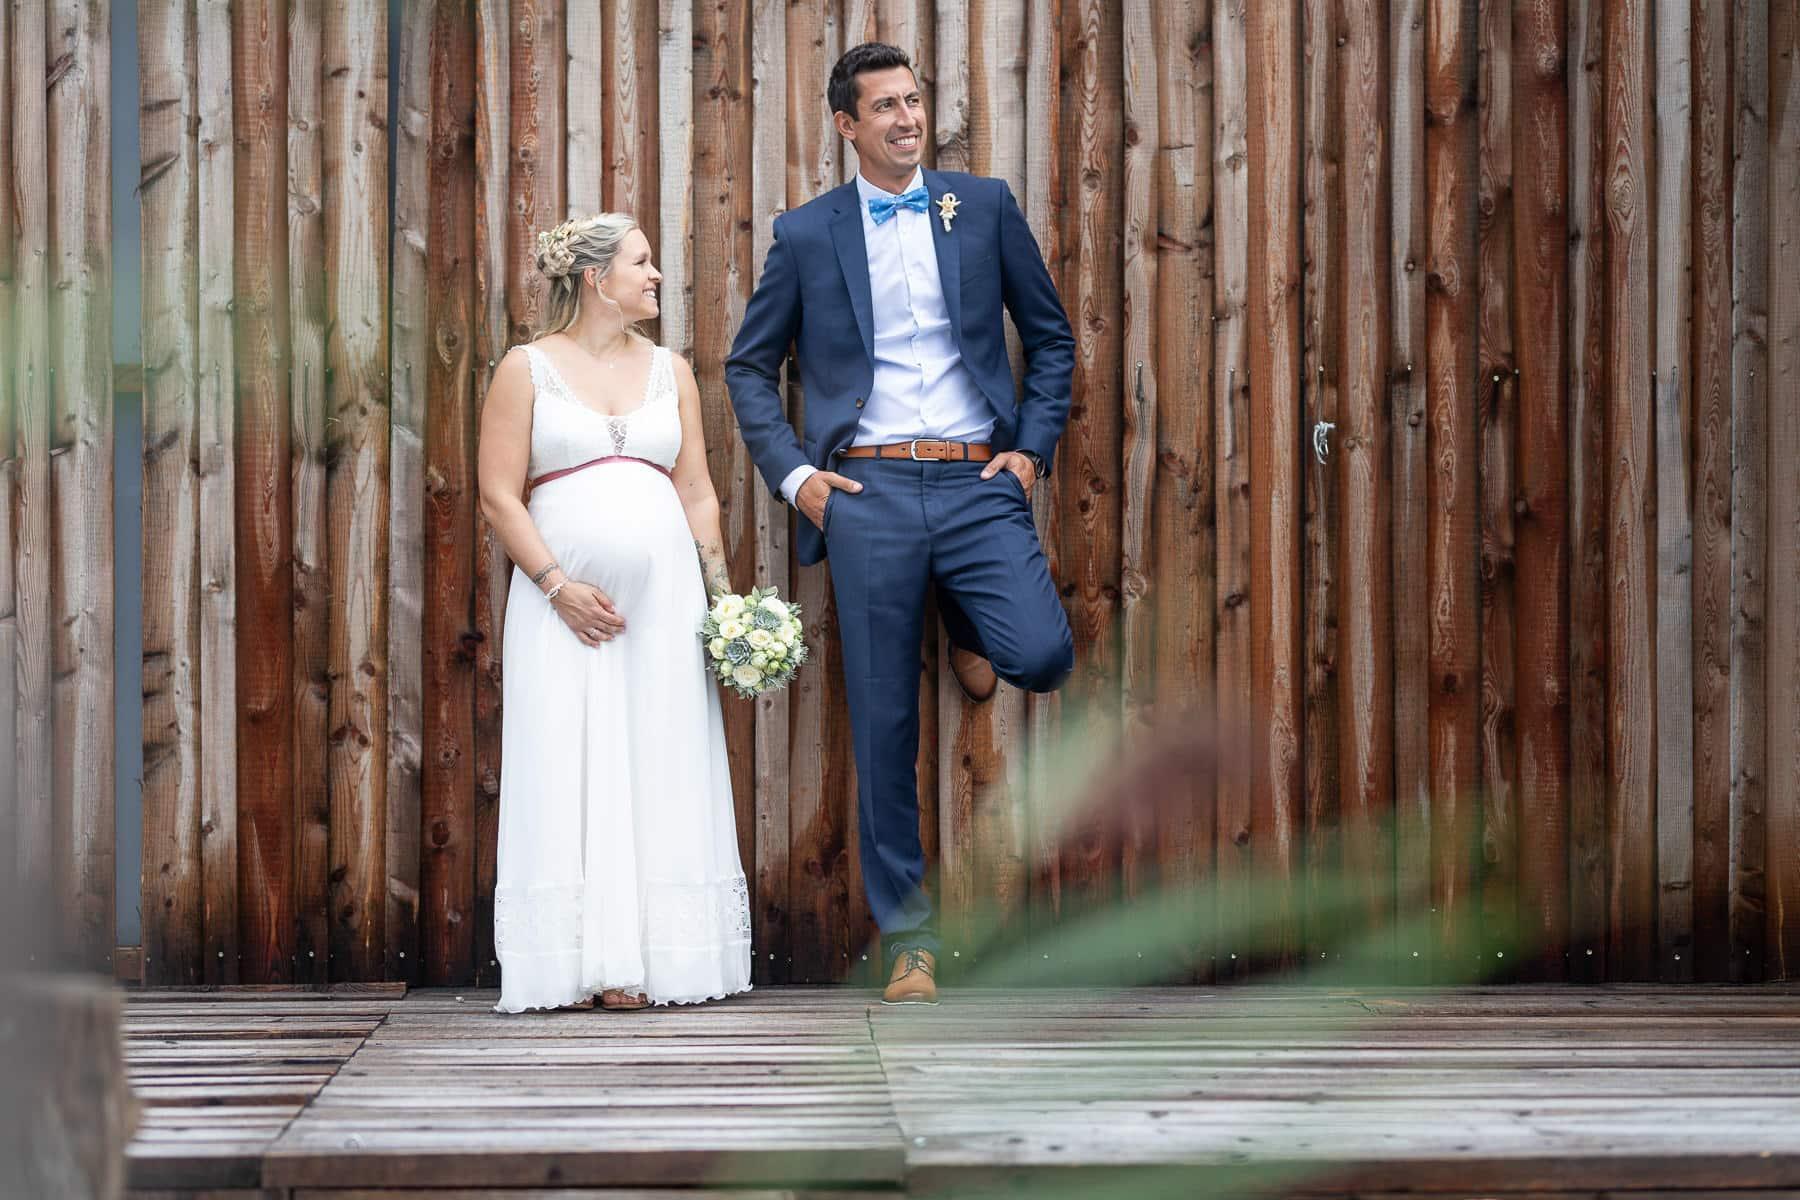 Hochzeitsfotograf, Klagenfurt, Villach, Wörthersee, Burgenland, Neusiedl, Jois, Neusiedler See, Hochzeitsfeier, Fotograf, Vintage, Seejungfrau, Brautpaarfotos, Brautpaar, Hochzeitskleid, See